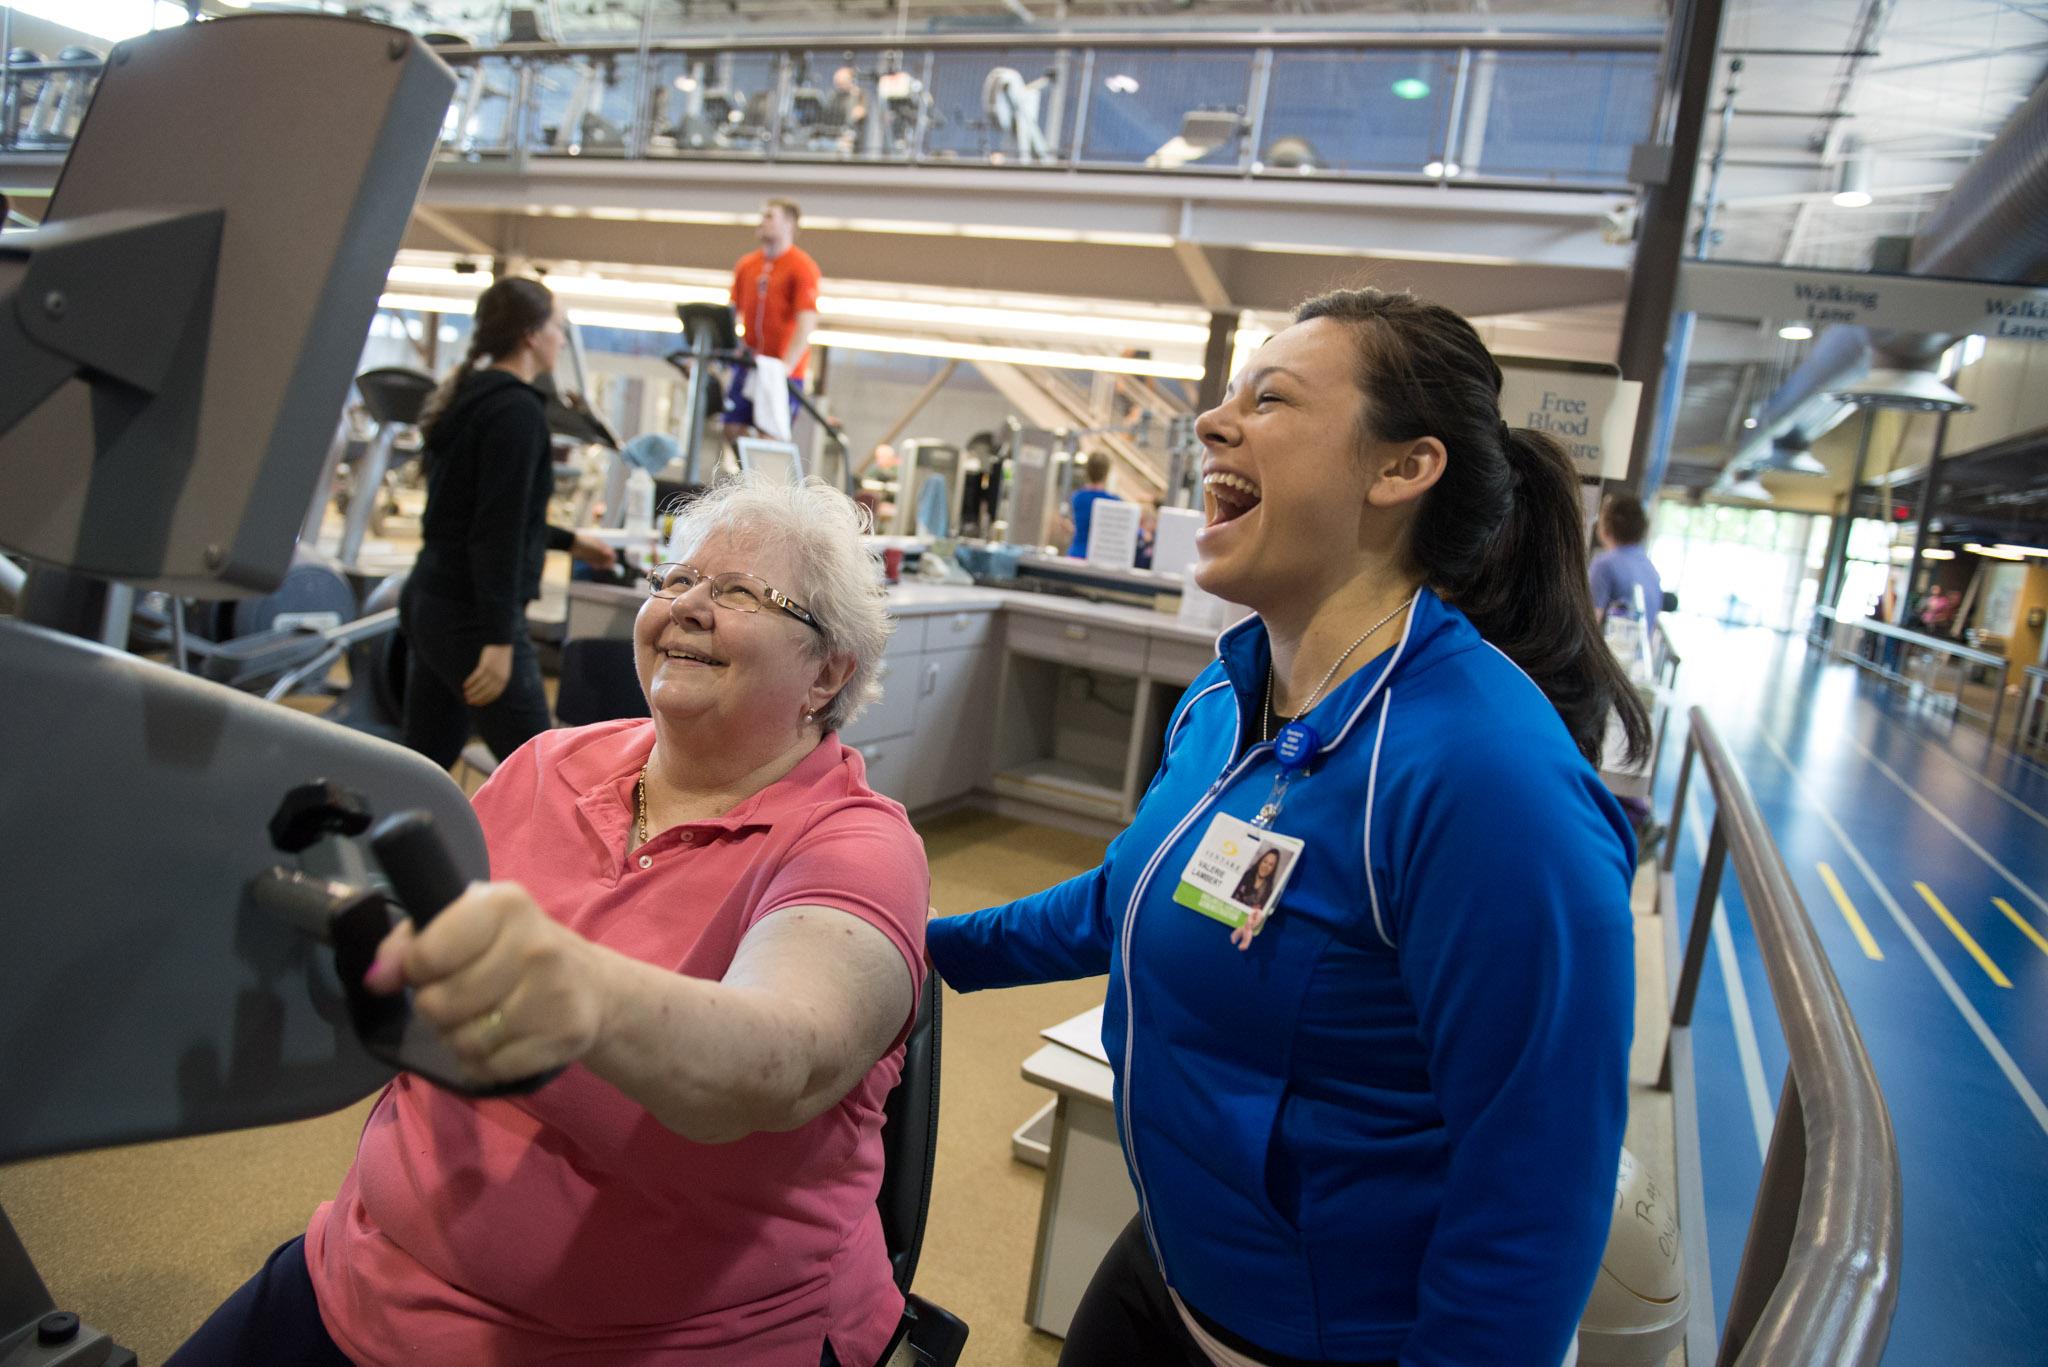 Wellness Center Stock Photos-1373.jpg